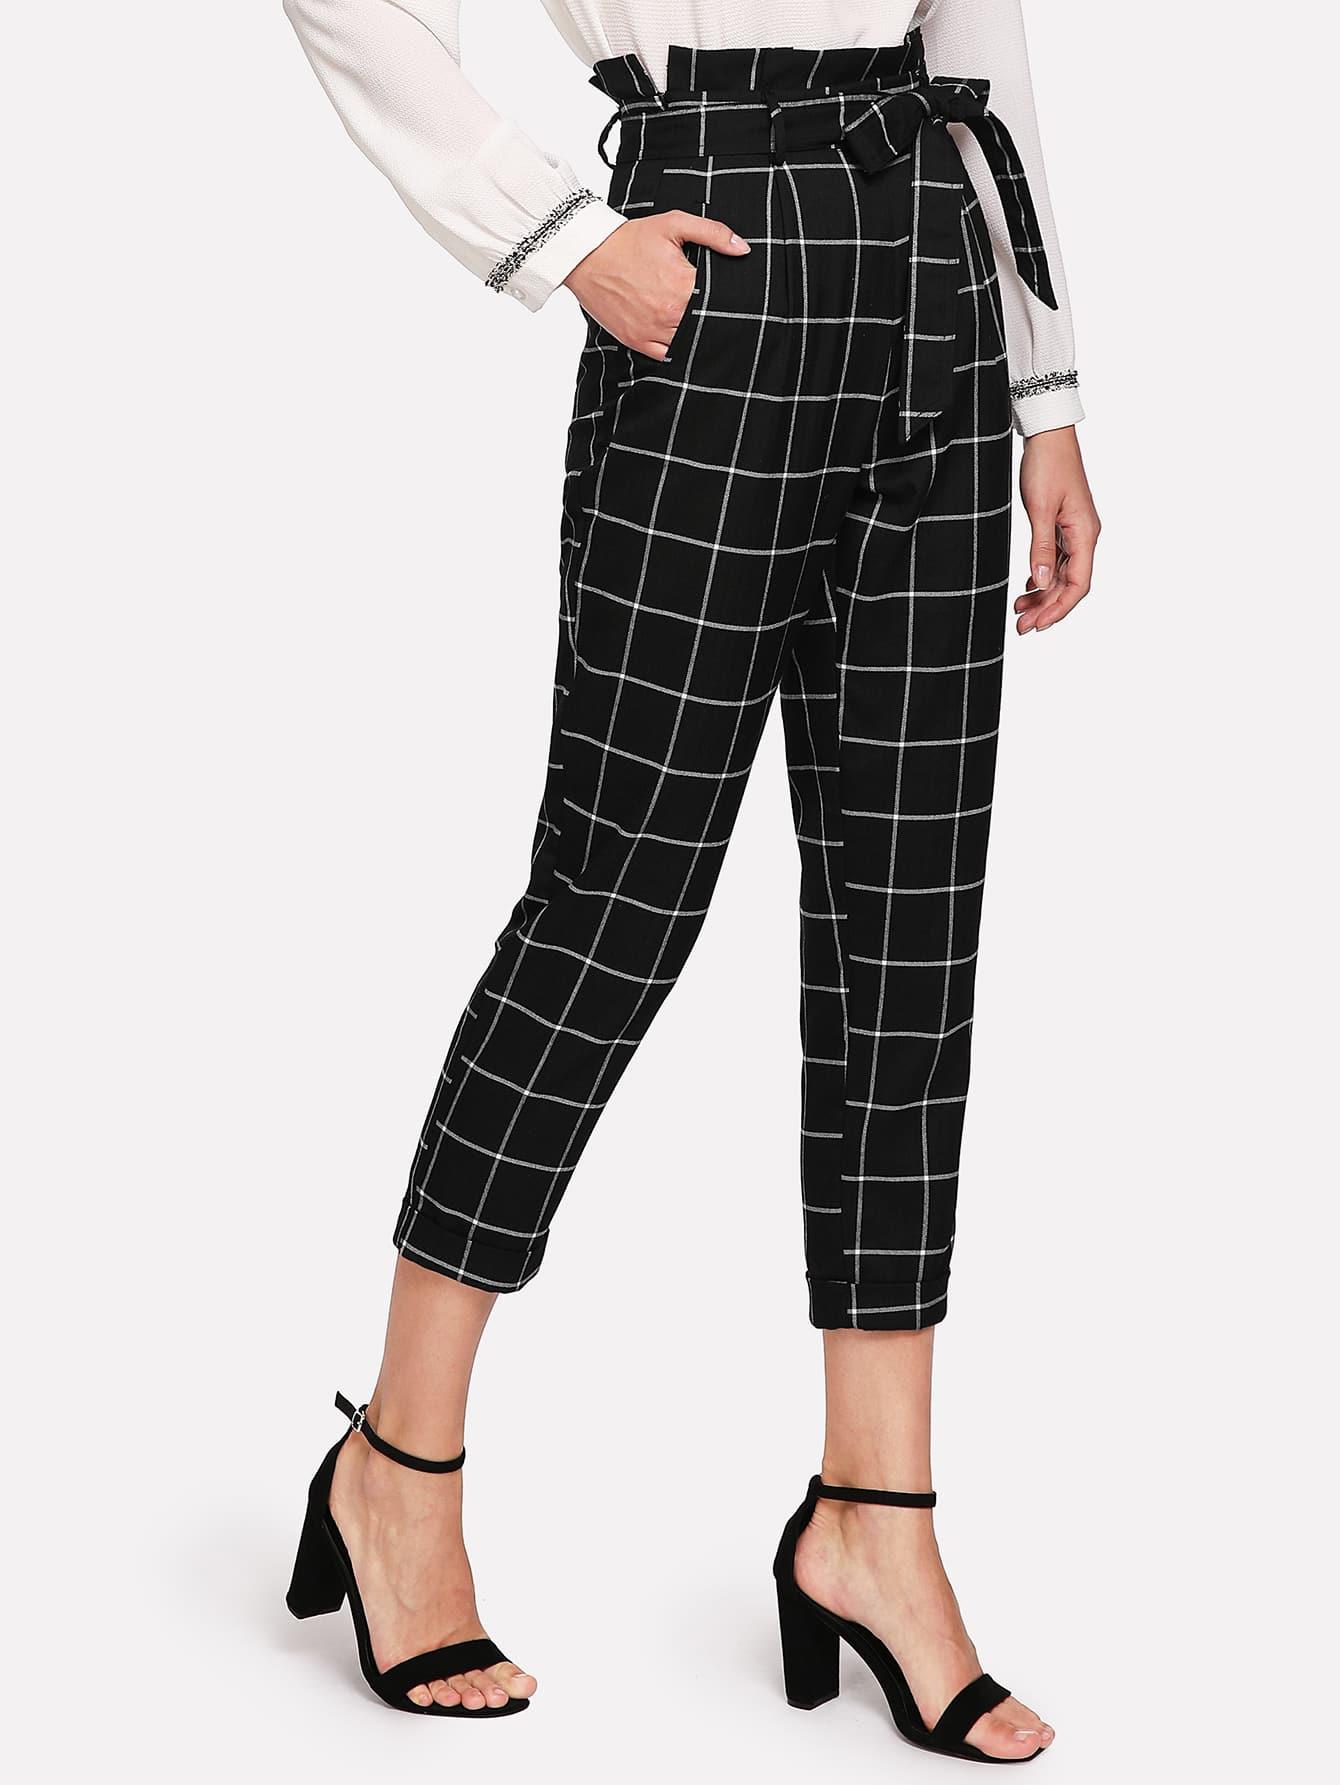 Купить Модные клетчатые брюки с поясом, Lera, SheIn